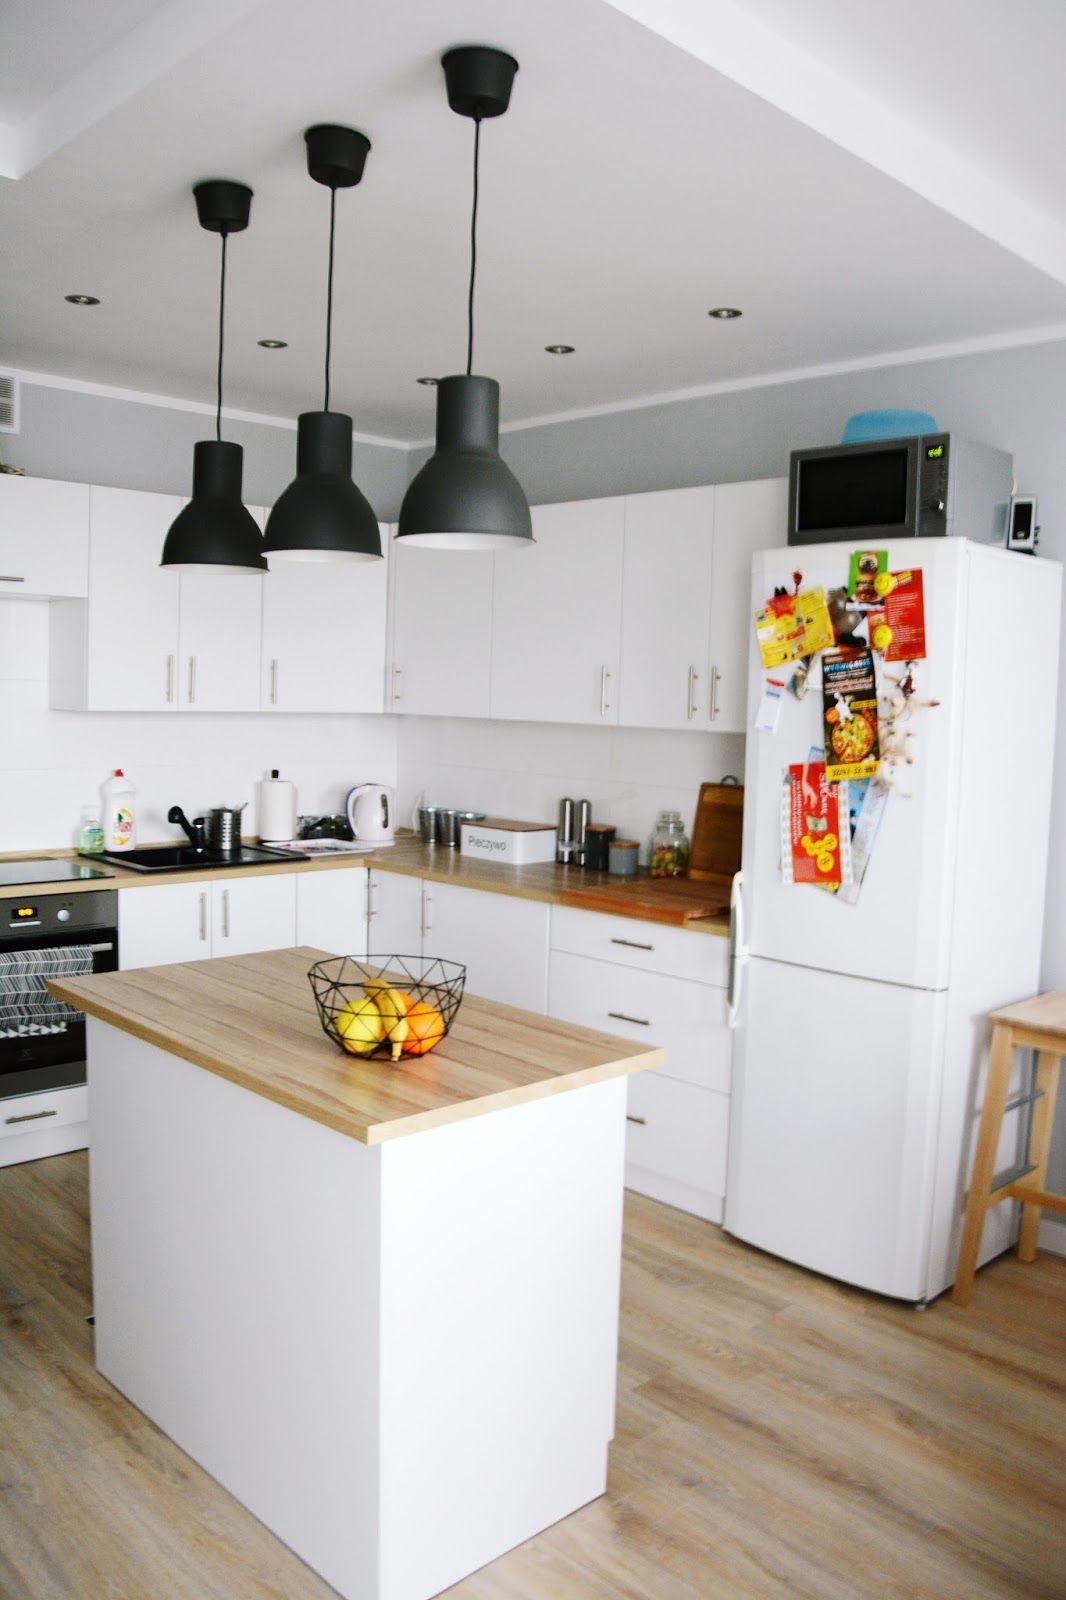 Inspiracje Jak Tanio Wyremontowac Mieszkanie Tani Remont Jak Tanio Wyremontowac M3 Szare Mieszkanie Mieszkanie W Bloku W Sty Ikea Kitchen Kitchenette Home